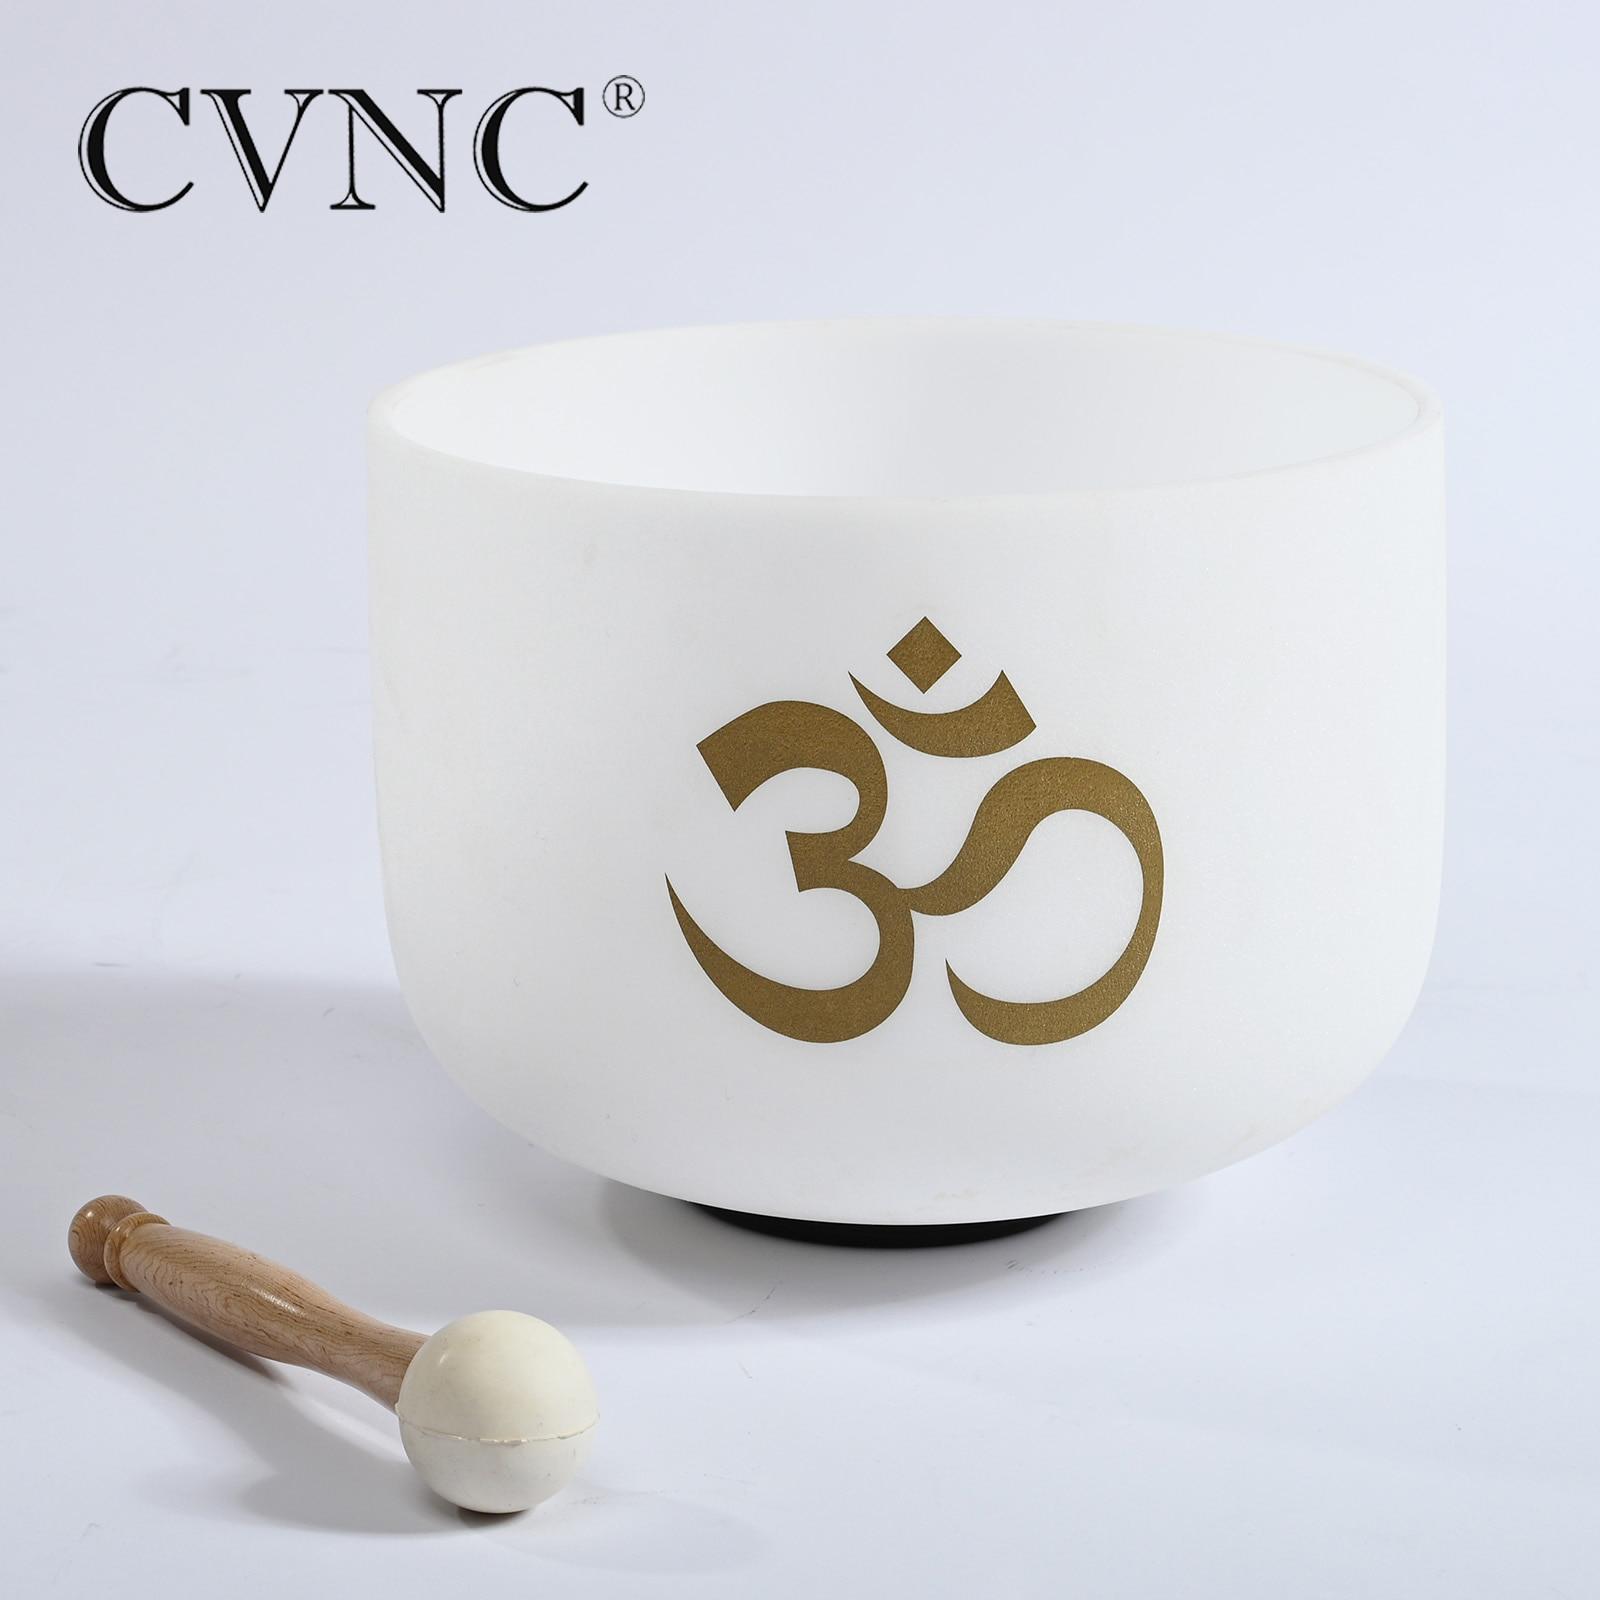 CVNC 10 pulgadas nota C # D # F # G # A # cualquier nota Chakra cristal de cuarzo cuenco de canto meditación